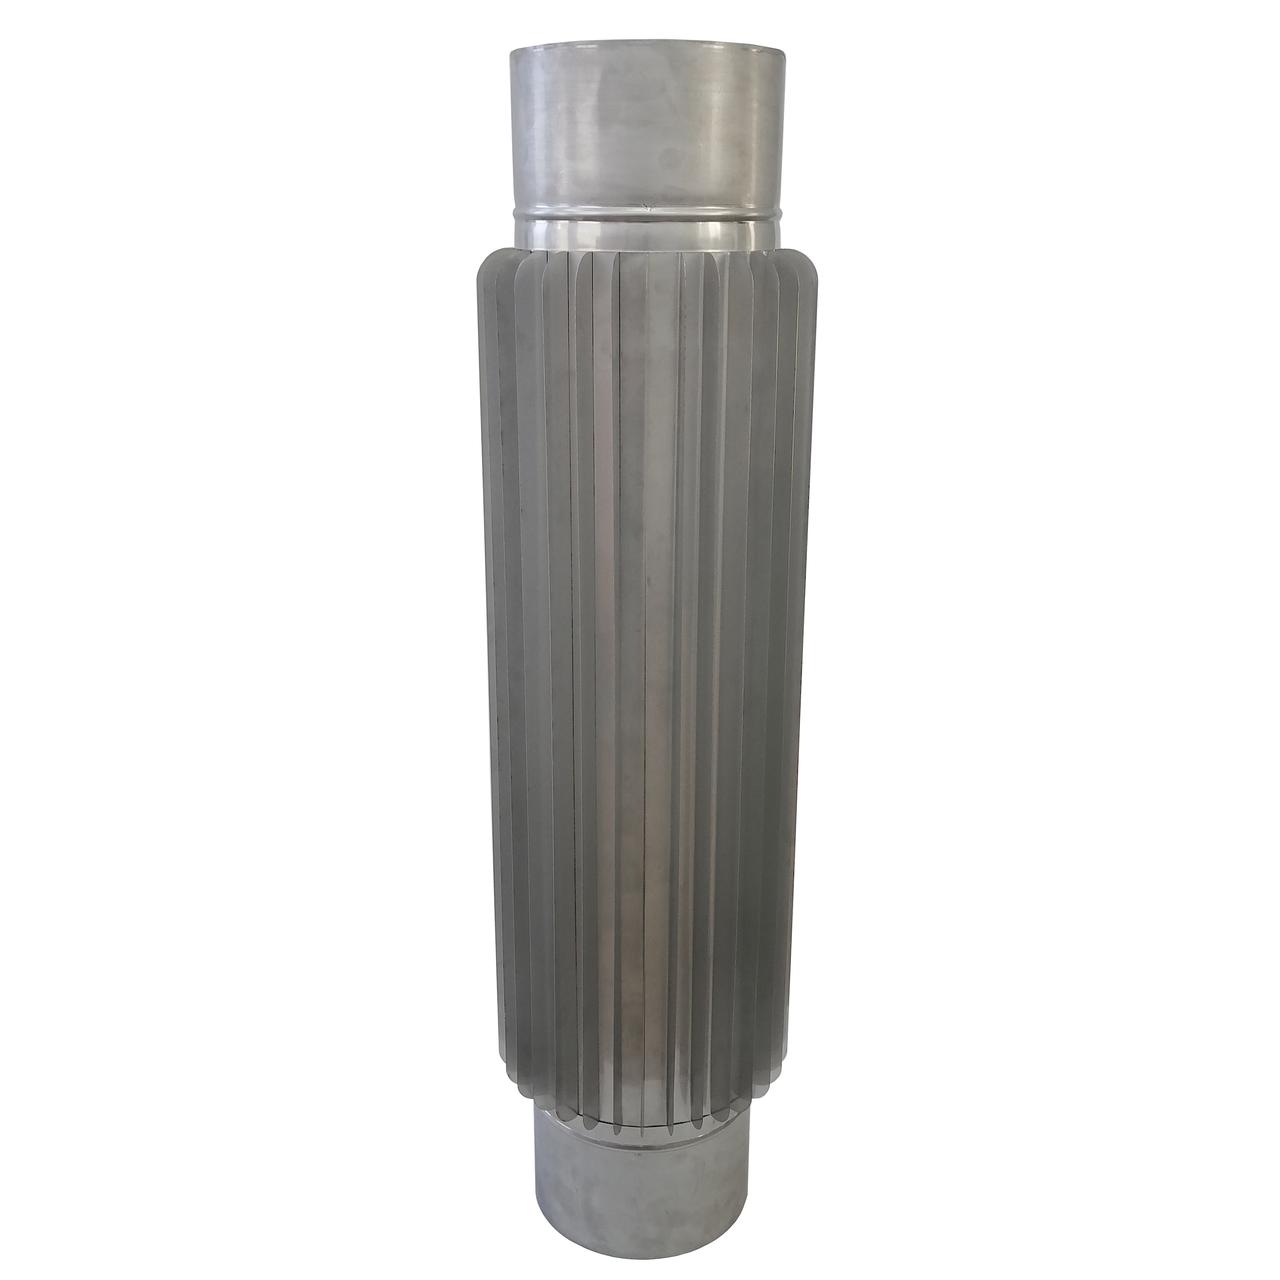 Труба-радіатор ø200 мм 1 мм 1 метр AISI 321 Stalar для димоходу сауни бані із нержавіючої сталі